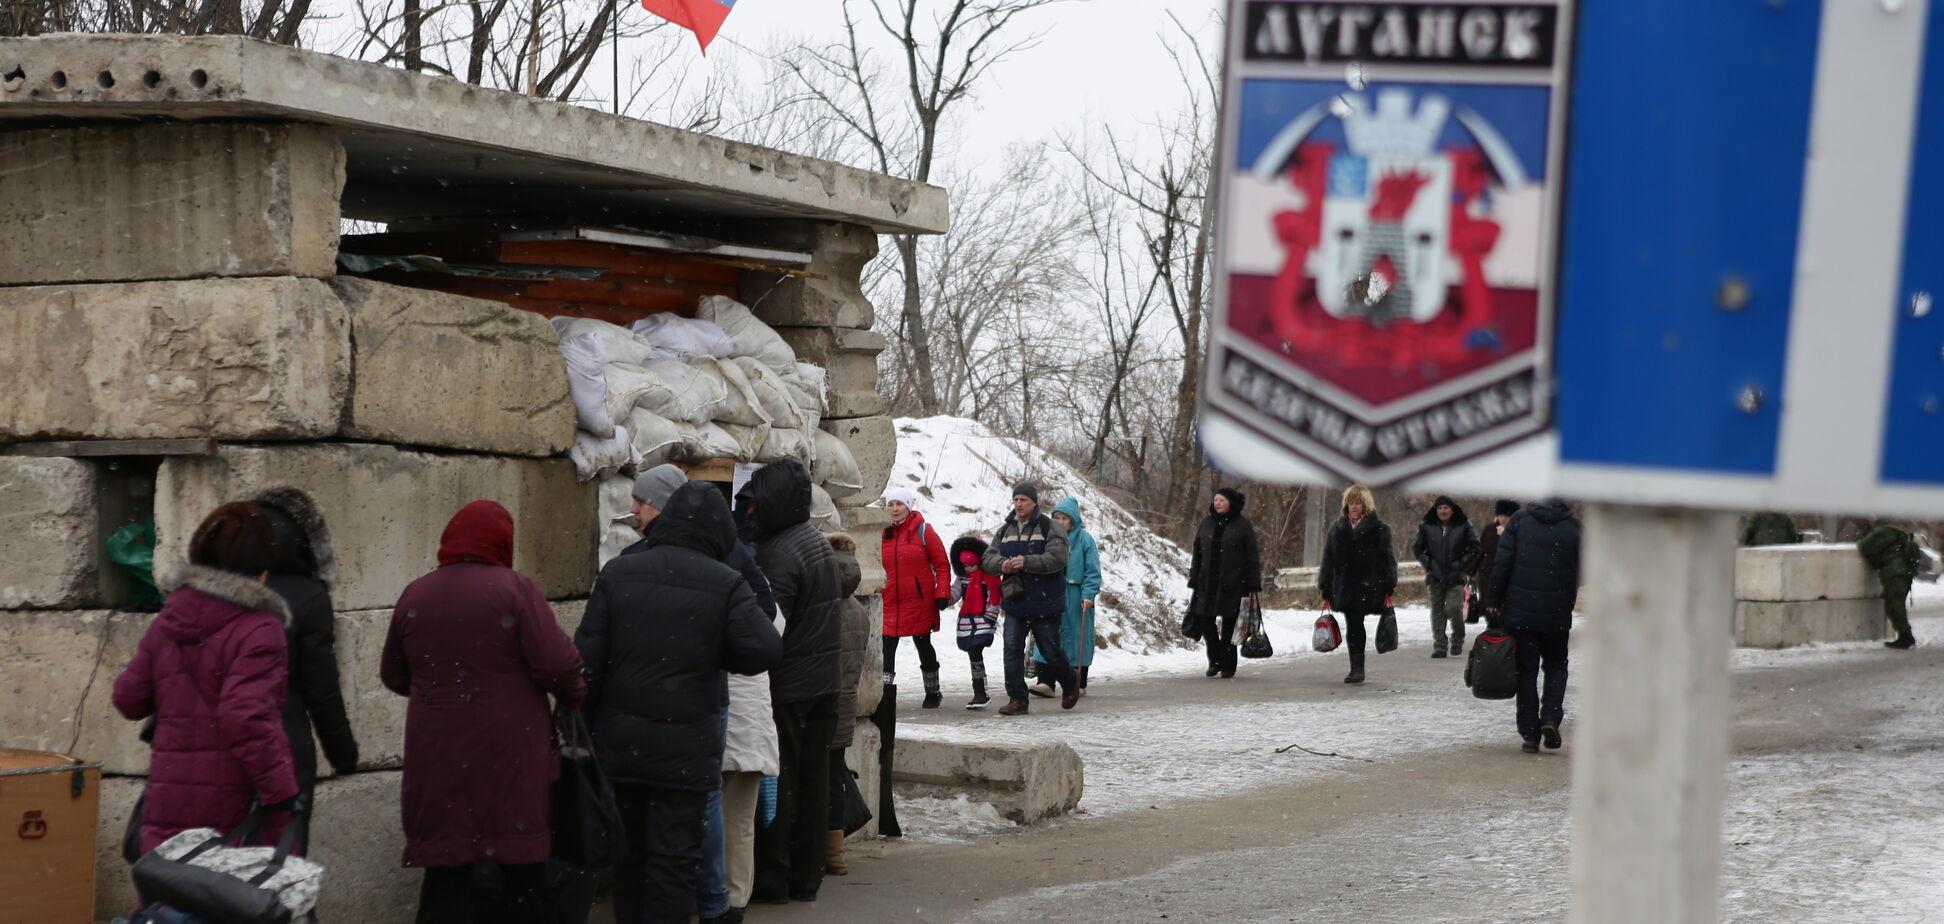 'При Украине было лучше': стало известно об антироссийских настроениях в 'ЛНР'